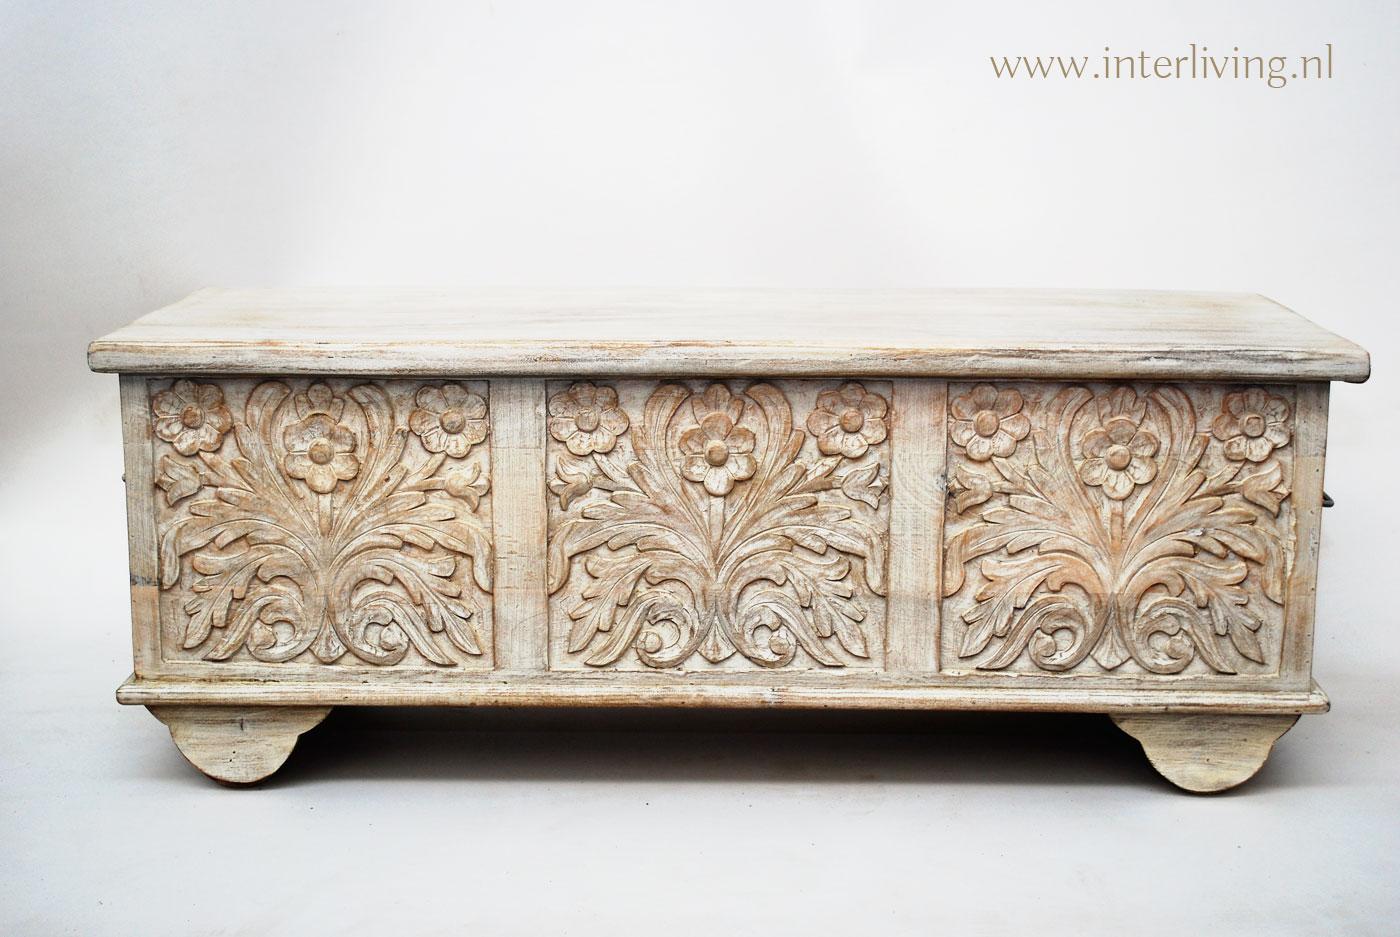 Witte Houten Dekenkist.Indiase Dekenkist Met Houtsnijwerk In Witte Bloemen White Wash